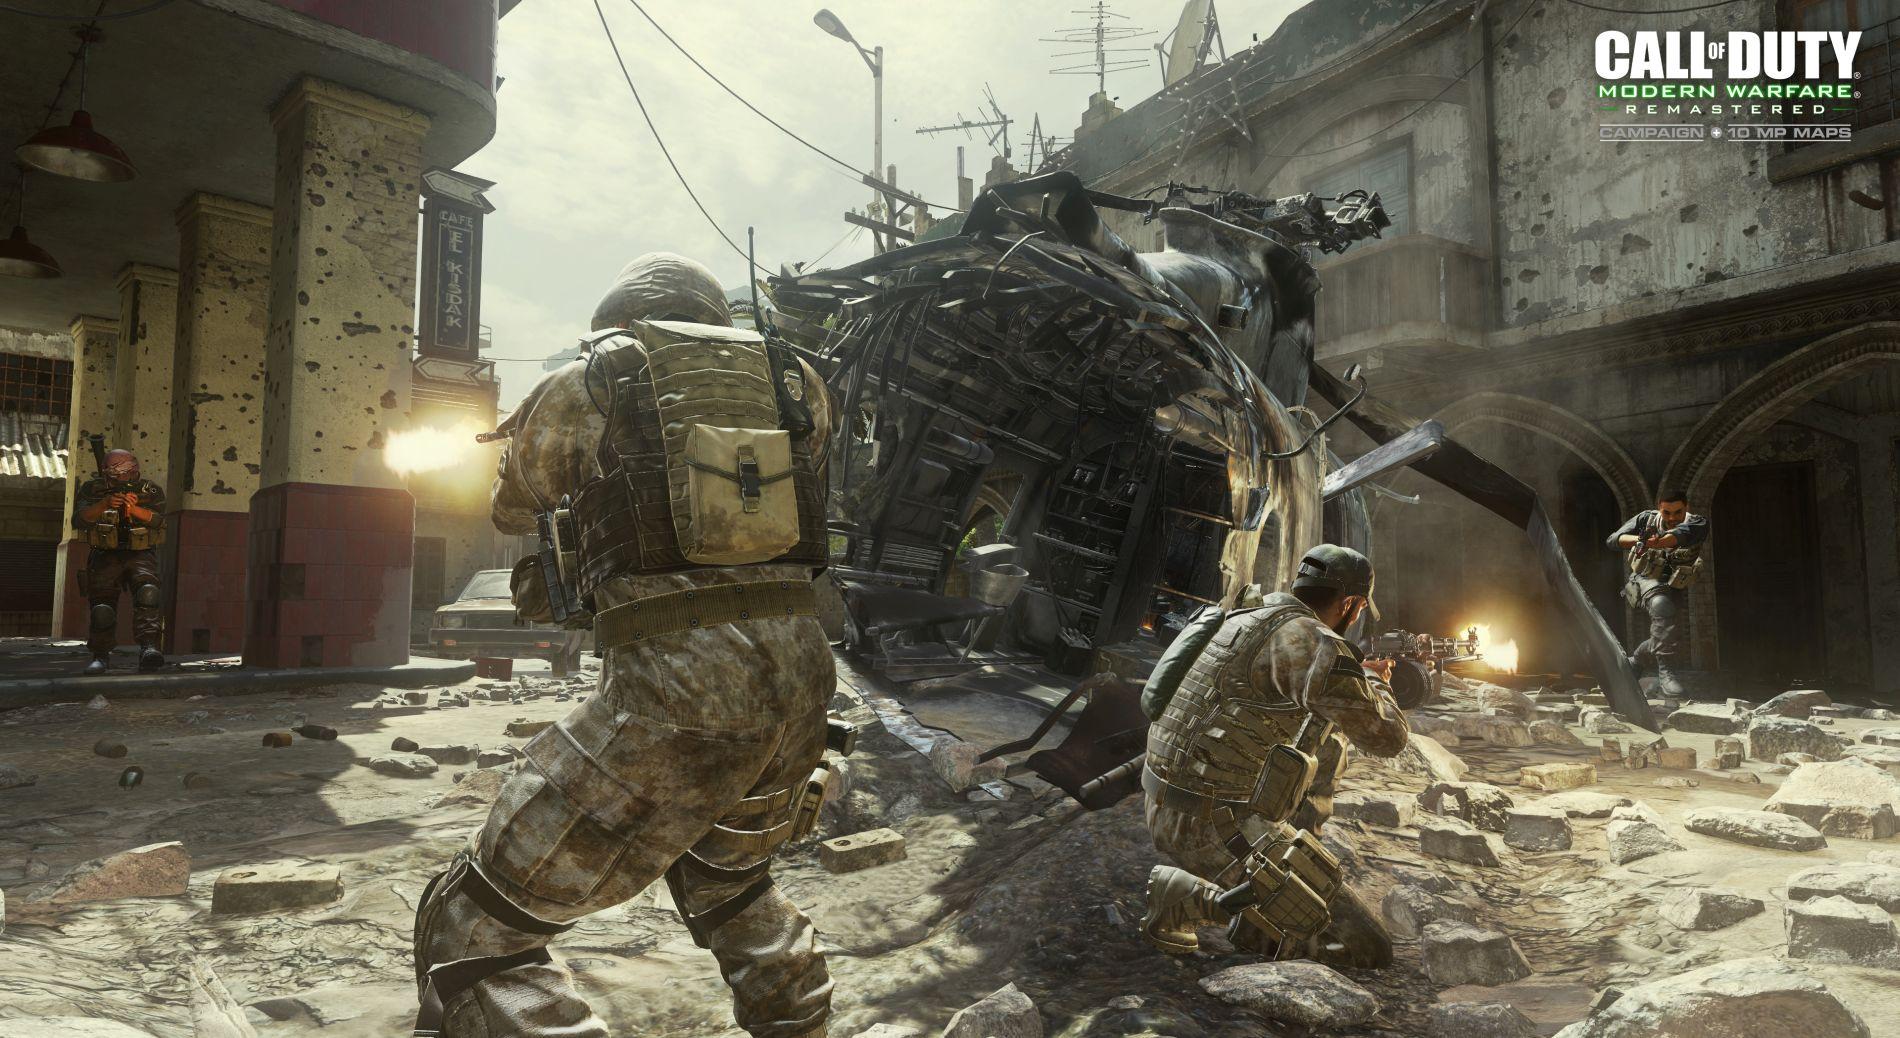 call_of_duty_modern_warfare_remastered_mp_crash_1